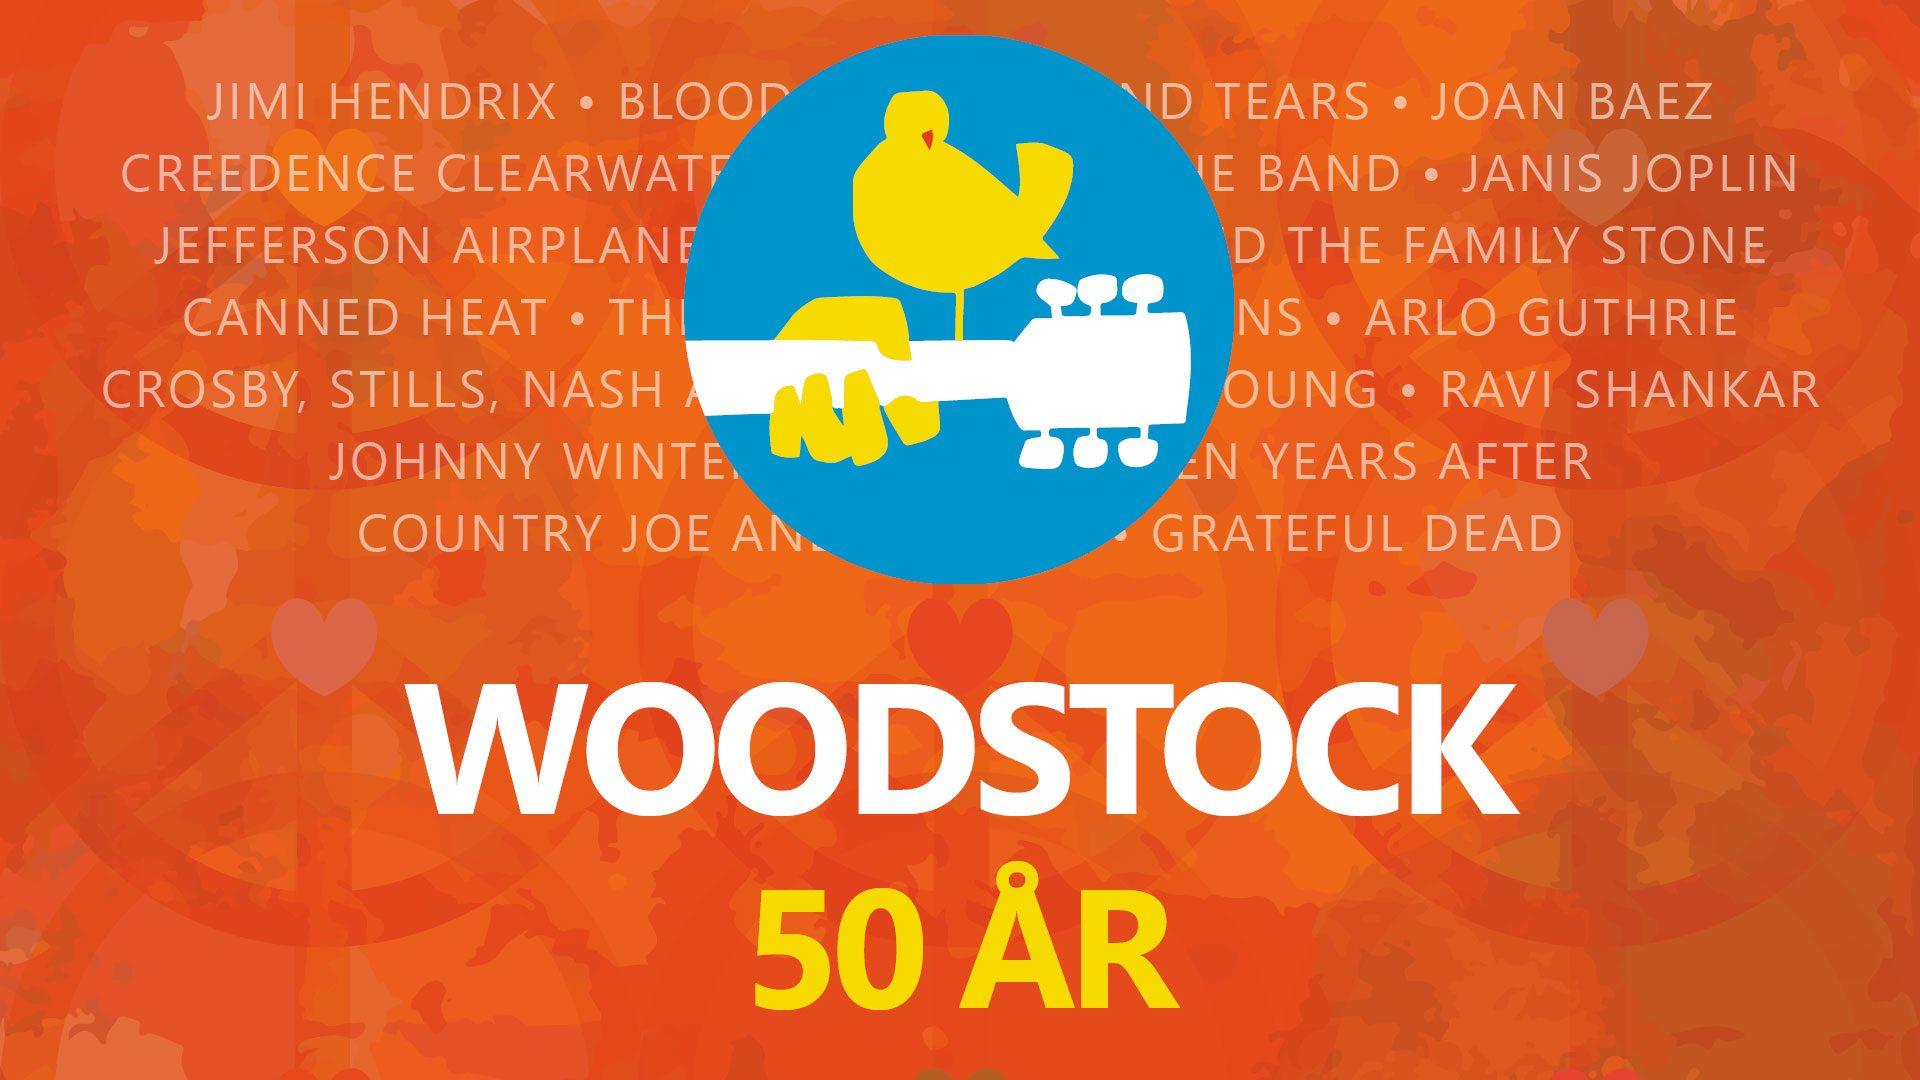 Woodstock_1920x1080